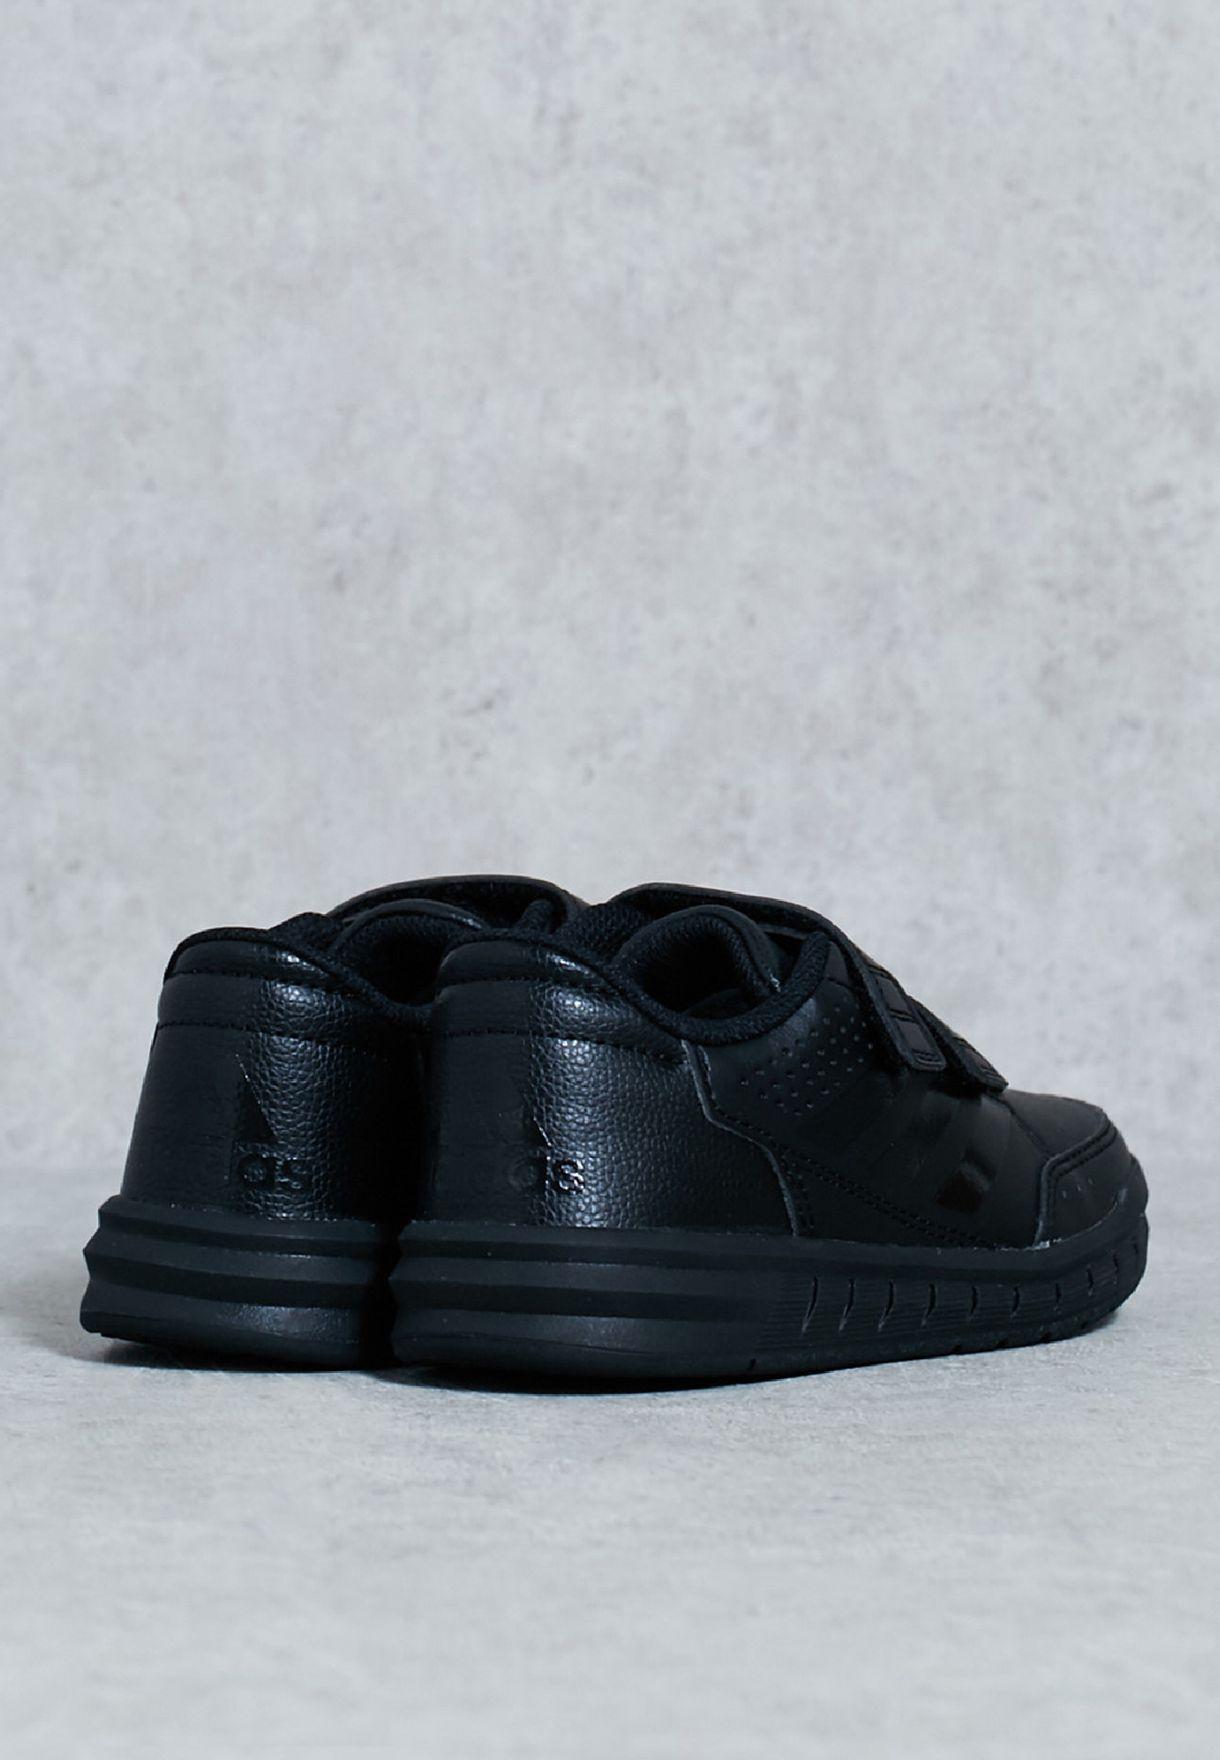 حذاء التا سبورت سي اف كيه